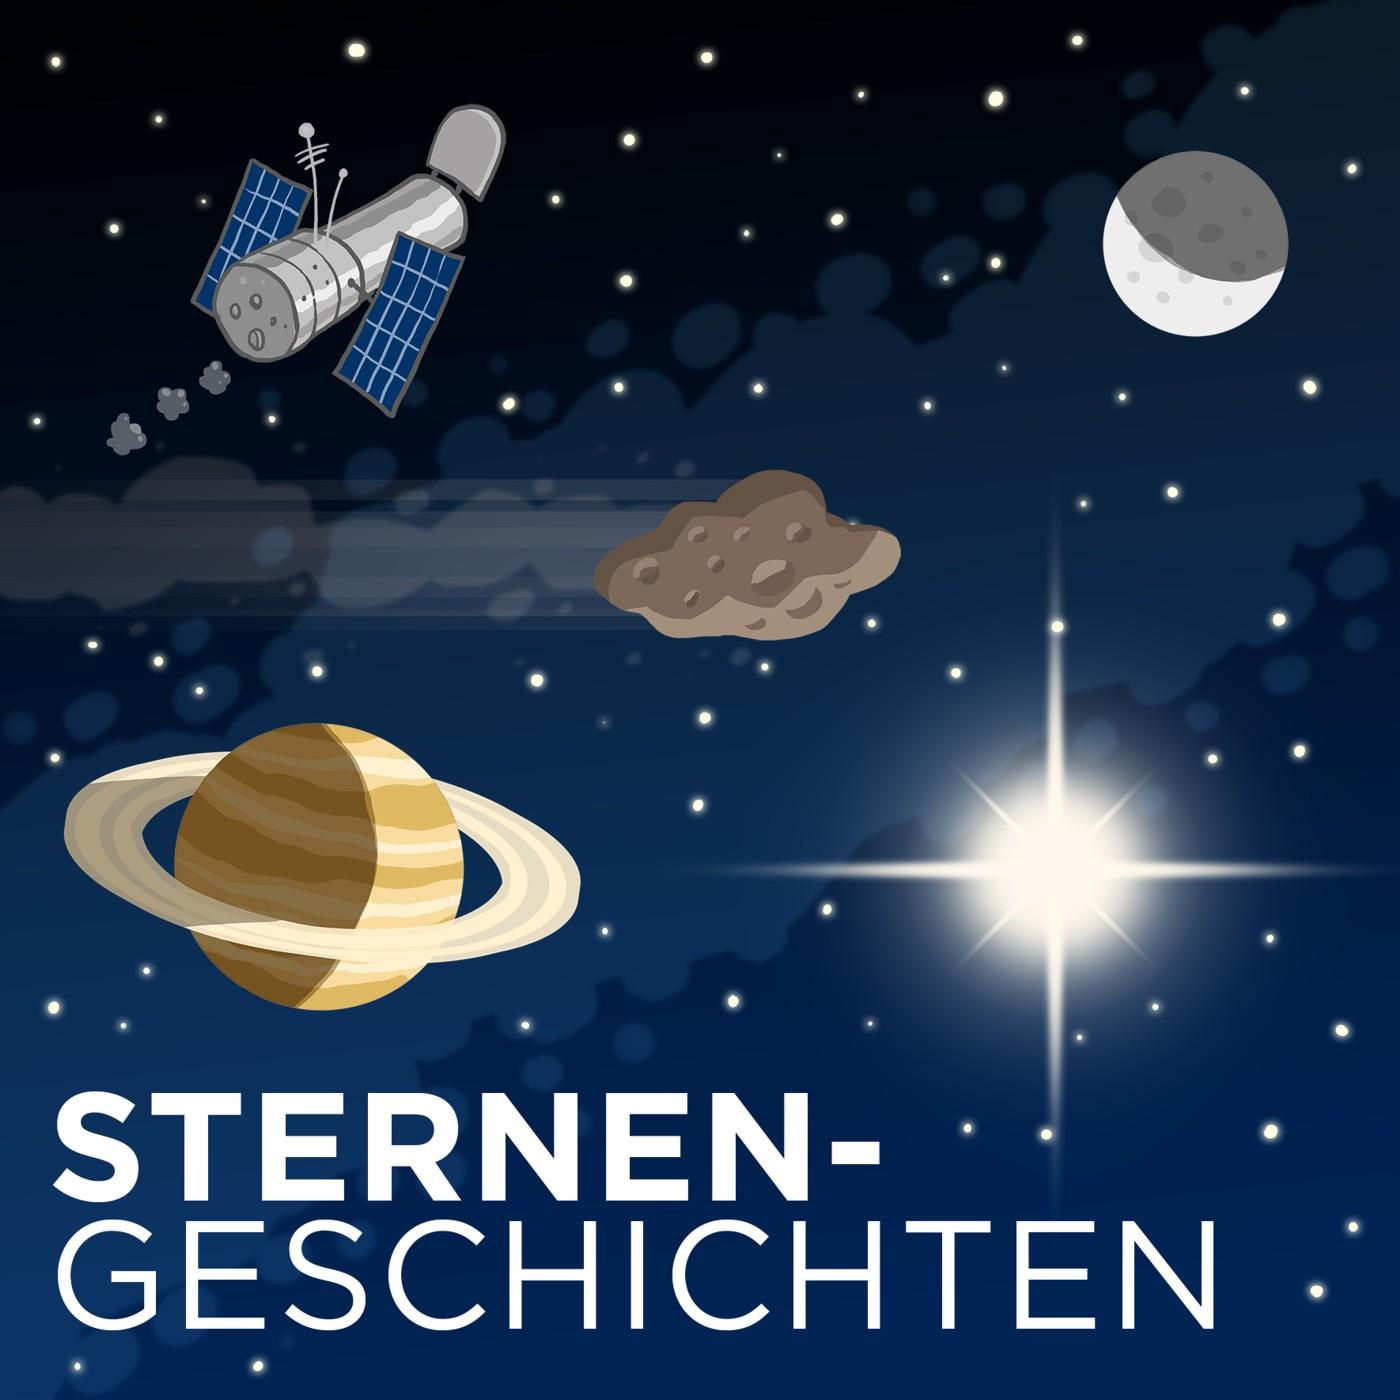 Sternengeschichten Folge 426: Canopus - Steuermann für Raumsonden